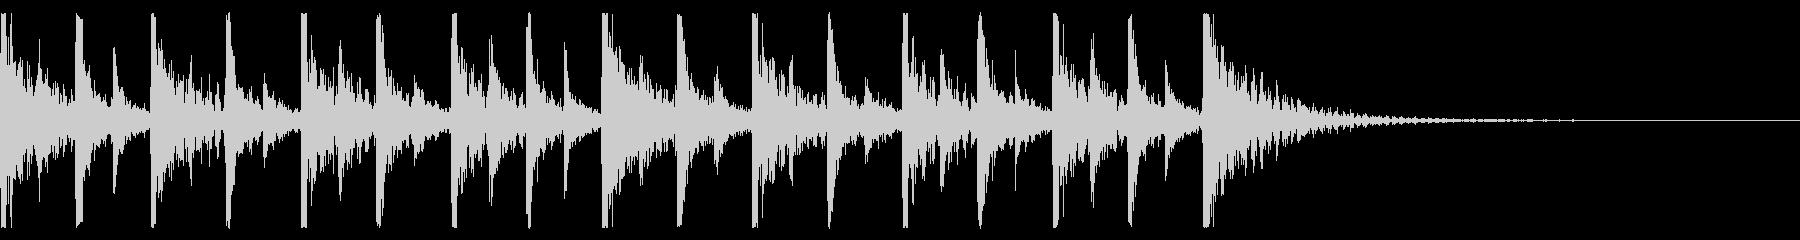 ドカドカと賑やかな打楽器のアンサンブル2の未再生の波形